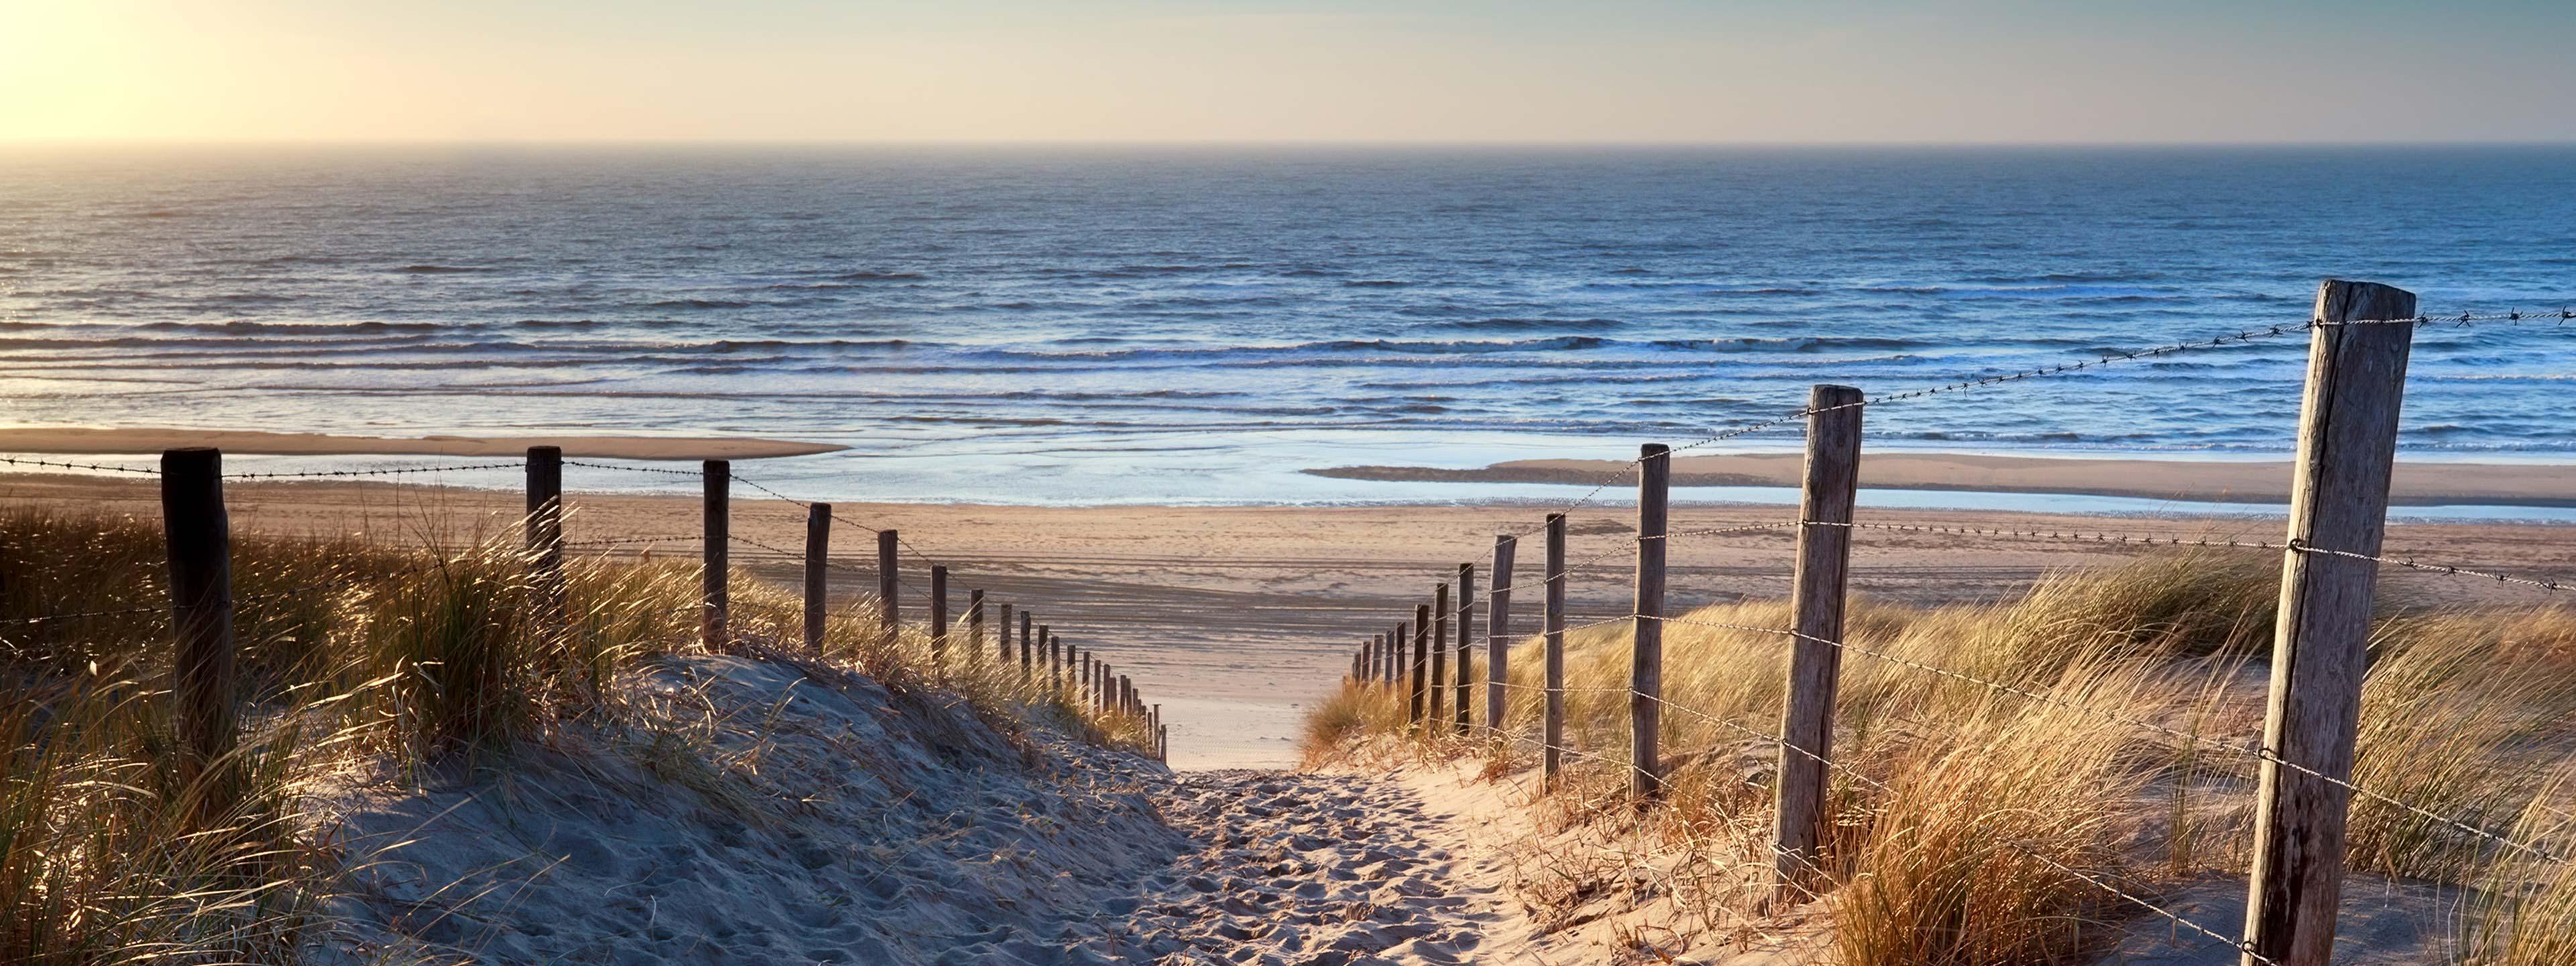 Familienurlaub an der Nordsee: Mit weg.de an den Strand